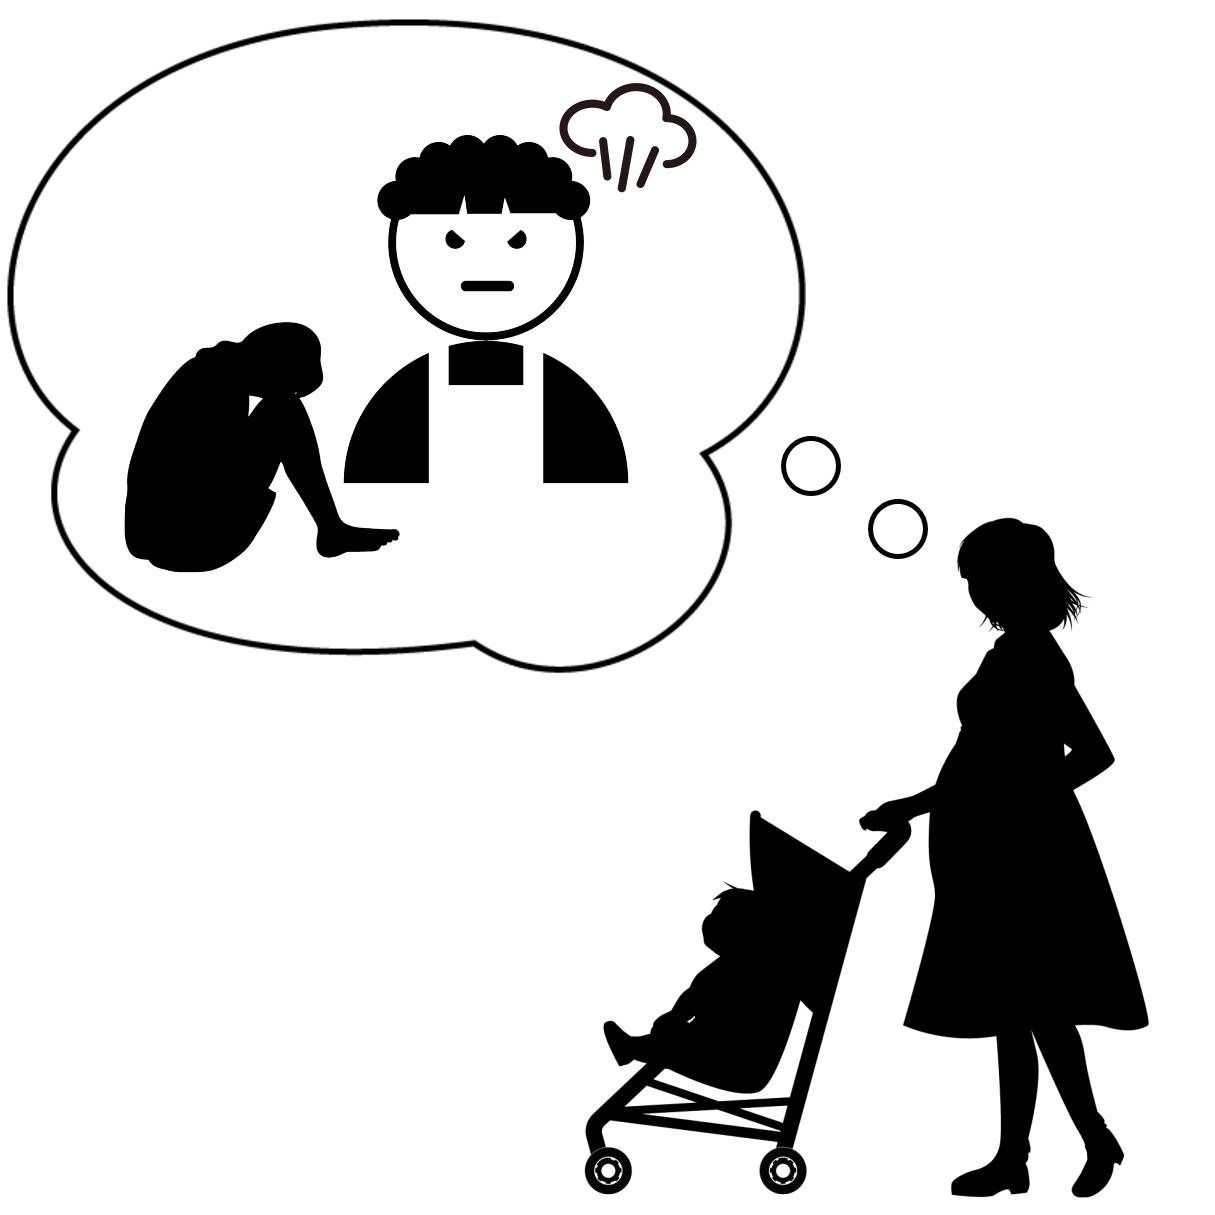 ケアテイカーと機能不全家族の関係を表わしているイメージ